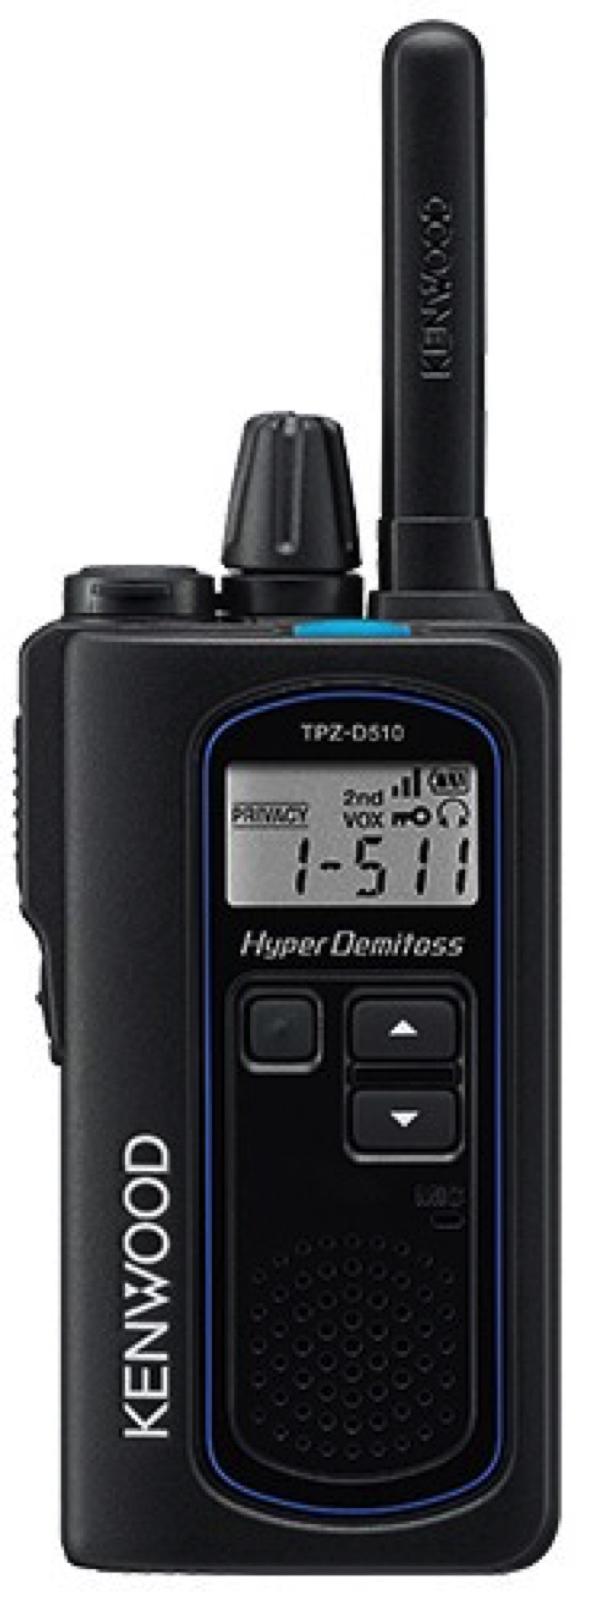 JVCケンウッド TPZ-D510